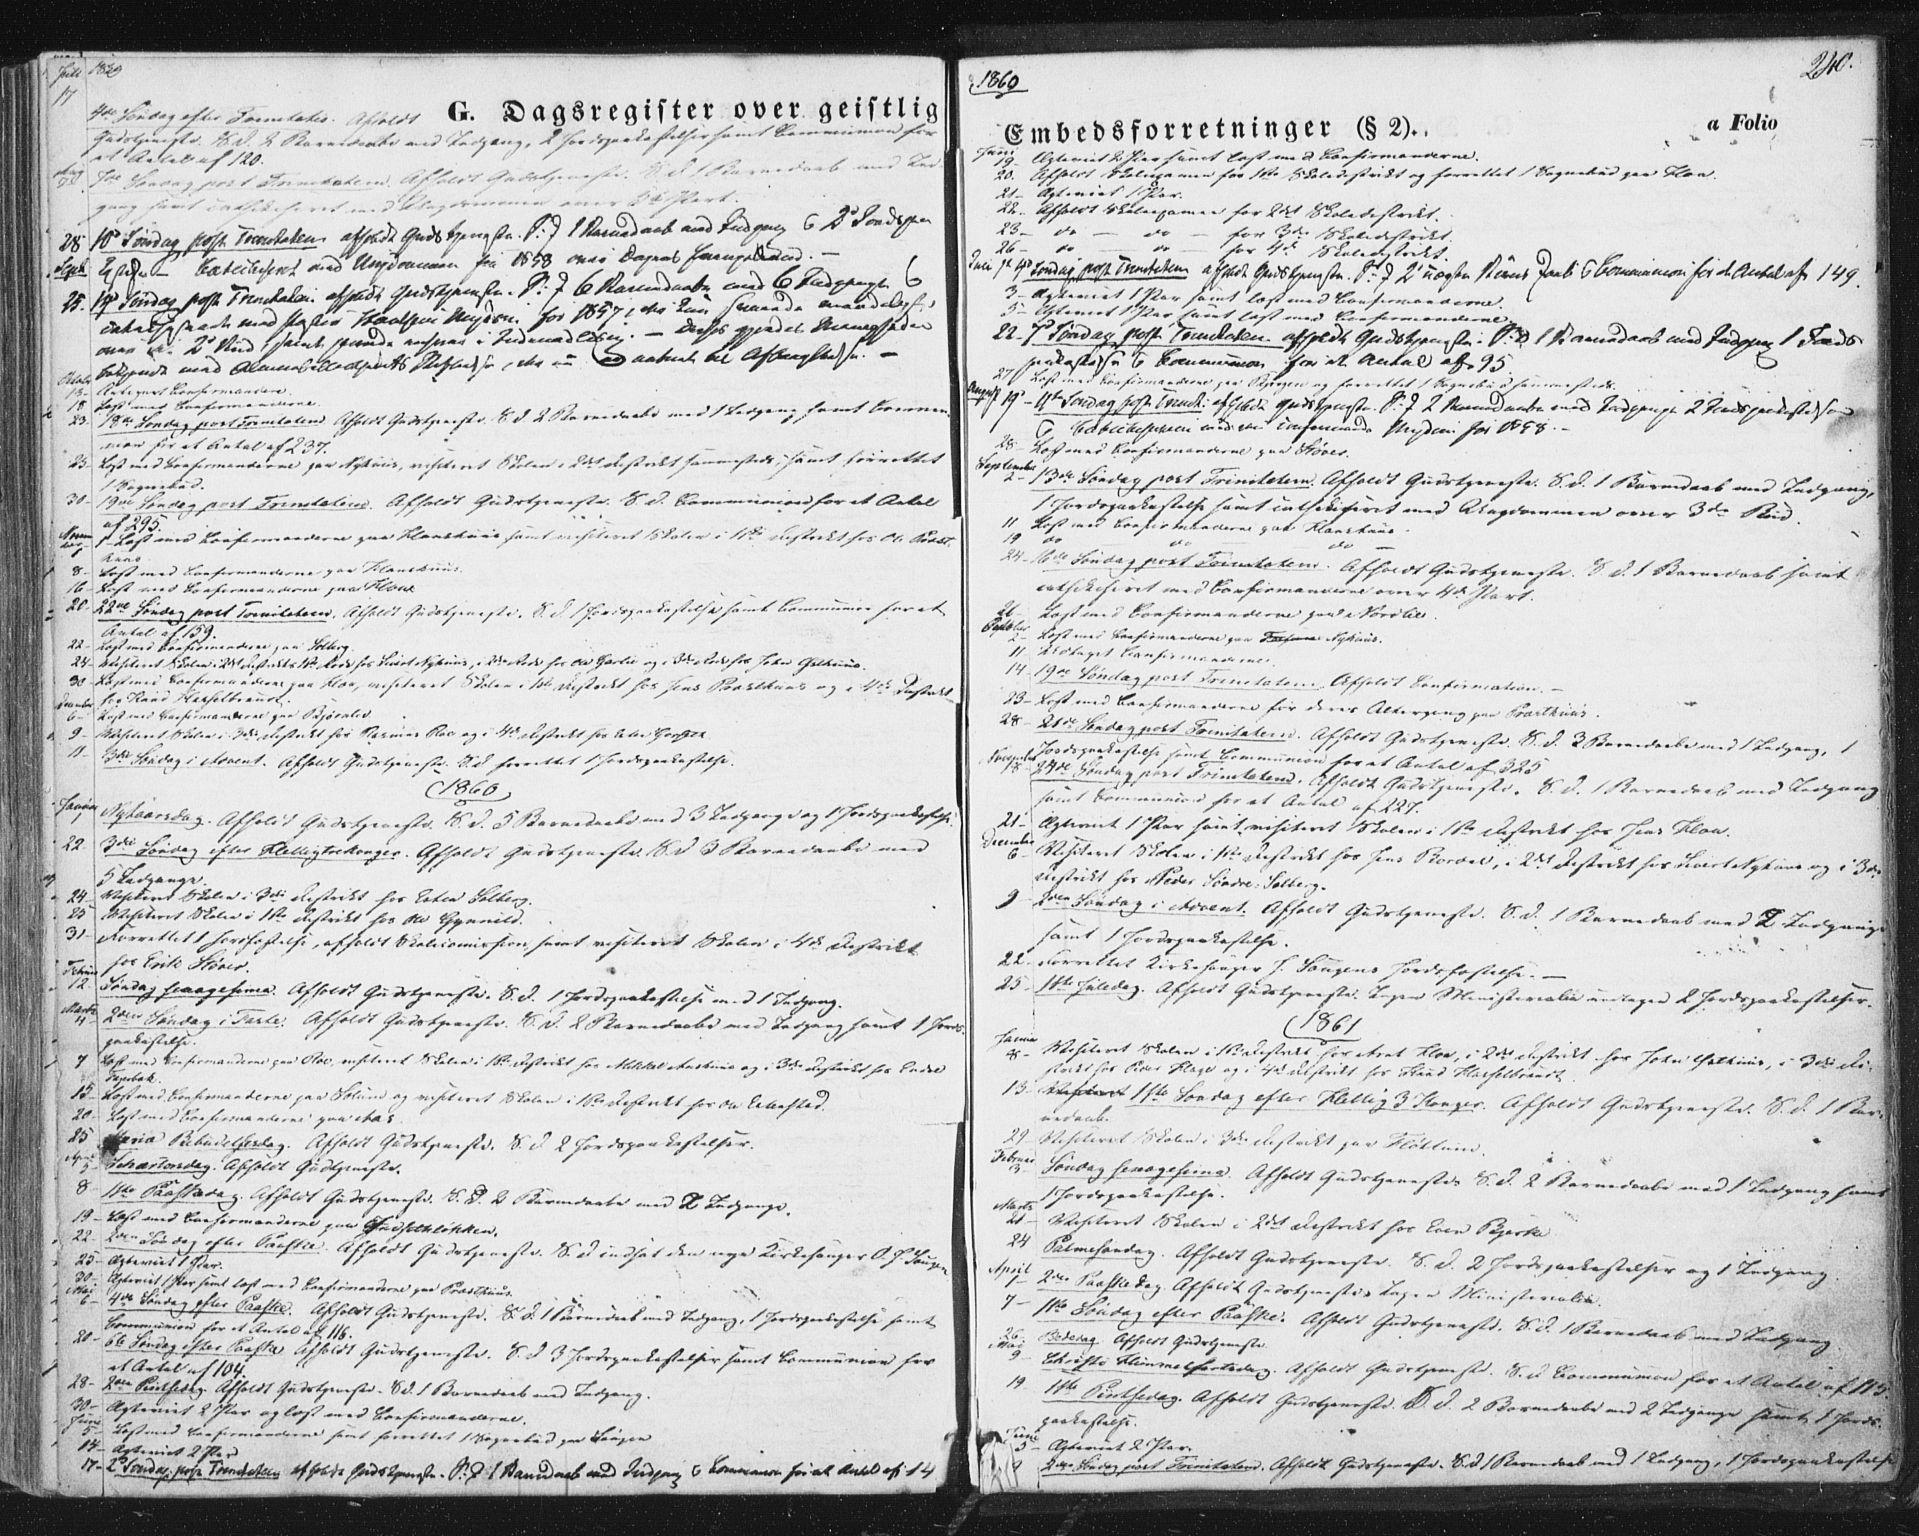 SAT, Ministerialprotokoller, klokkerbøker og fødselsregistre - Sør-Trøndelag, 689/L1038: Ministerialbok nr. 689A03, 1848-1872, s. 240